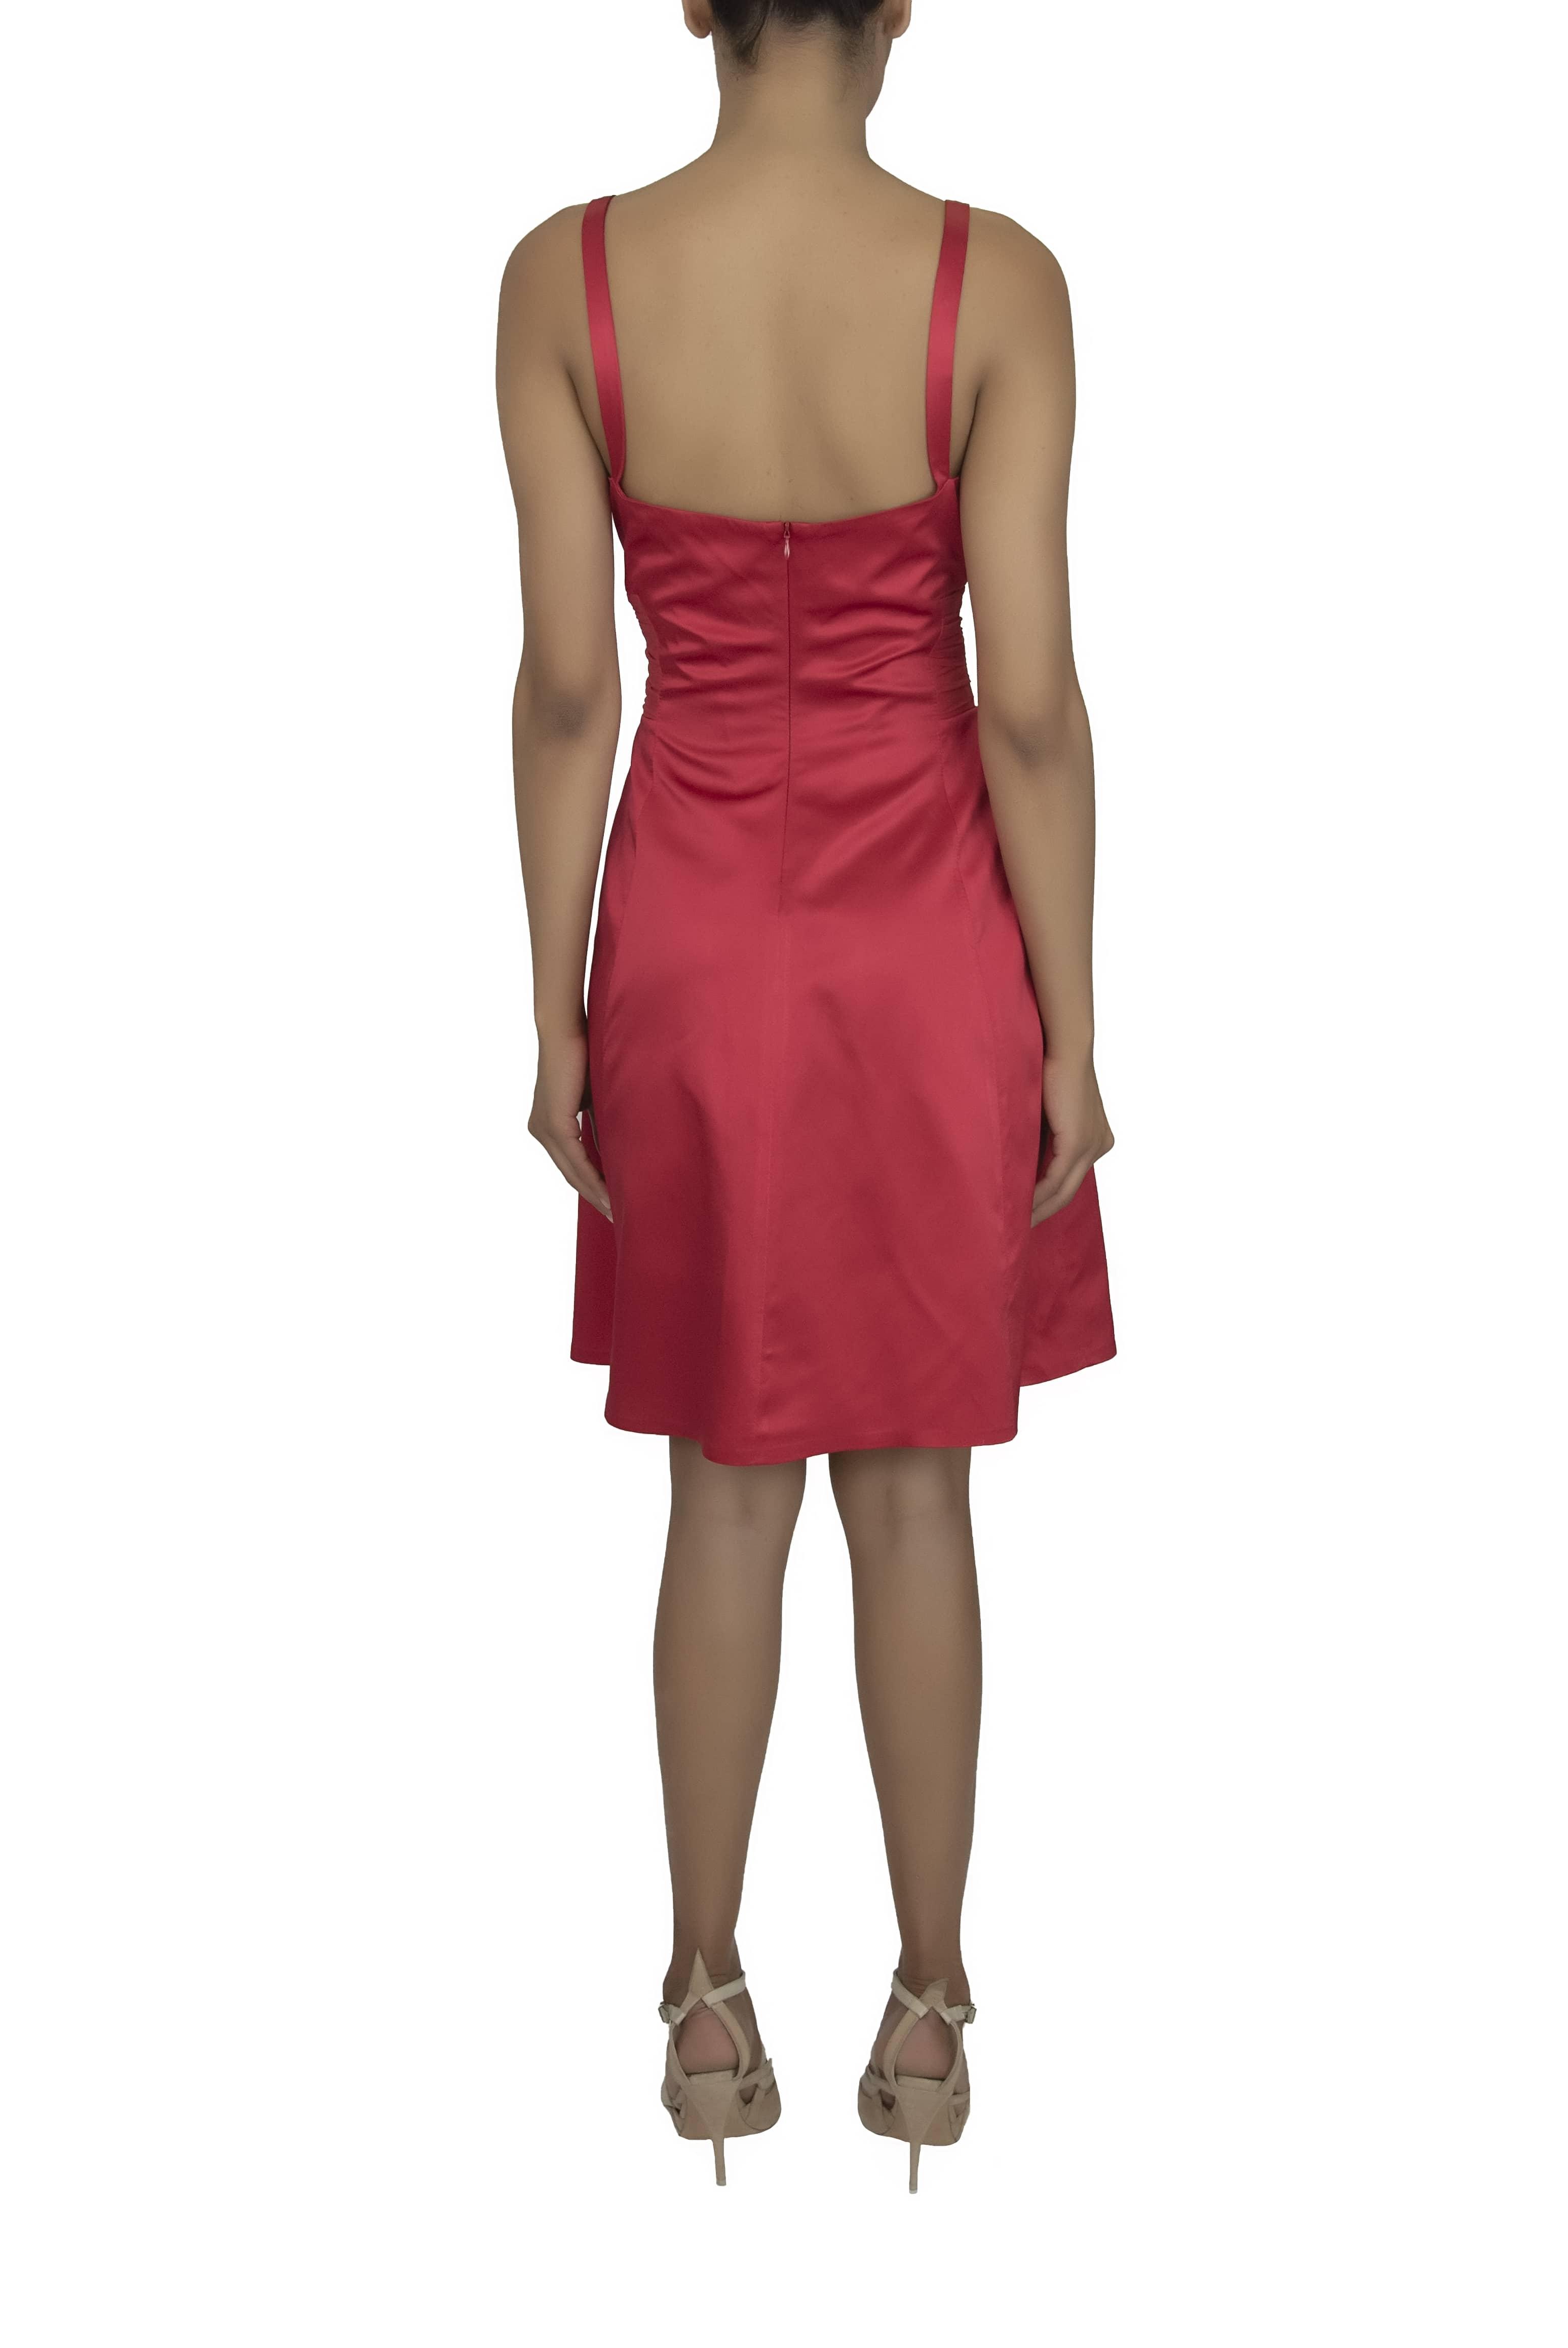 Dress INTERCRUS 2